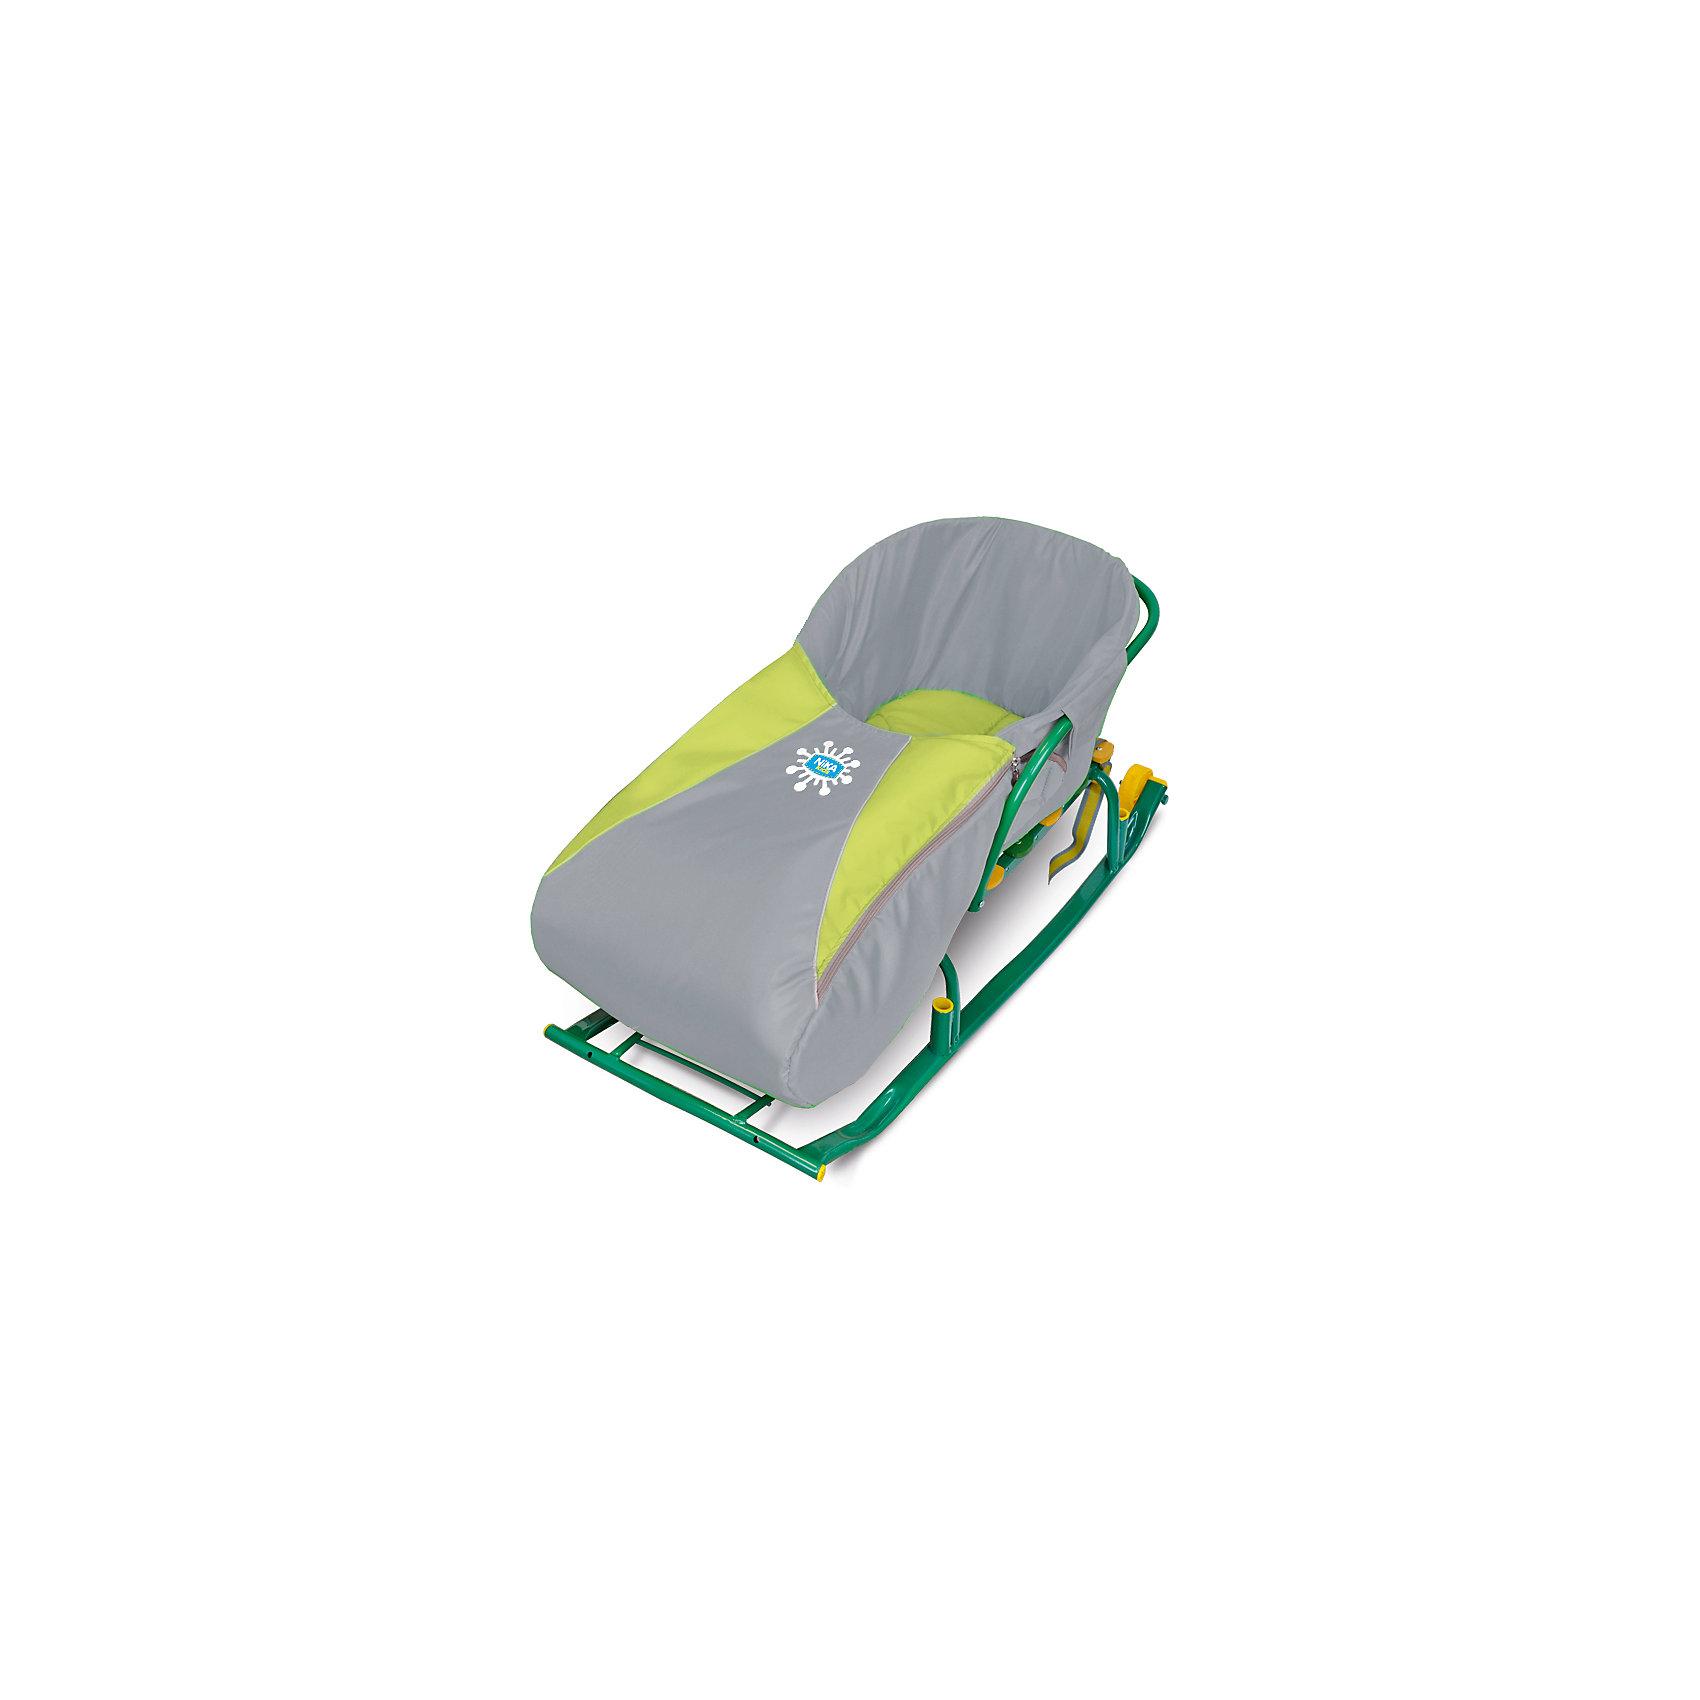 Сиденье с чехлом д/ног, НикаСанки и снегокаты<br>Сиденье с чехлом для ног, Ника, обеспечит комфорт и удобство малыша во время зимних прогулок. Сиденье отлично подходит для всех санок Ника, а также для санок других производителей. Яркий и привлекательный дизайн обязательно понравится малышу. Сиденье выполнено из прочной влаго- и ветронепроницаемой ткани, внутренний утеплитель - синтепон не даст ребенку замерзнуть. Имеется удобная застежка-молния и светоотражающий кант. Чехол для ног отстегивается. Сиденье прочно крепится к санкам с помощью липучек.<br><br>Дополнительная информация:<br><br>- Цвет: серебро.<br>- Материал: ткань оксфорд, синтепон.<br>- Размер сиденья: 70 х 22 х 30 см.<br>- Вес: 0,4 кг.<br><br>Сиденье с чехлом д/ног, серебро, Ника, можно купить в нашем интернет-магазине.<br><br>Ширина мм: 690<br>Глубина мм: 380<br>Высота мм: 300<br>Вес г: 375<br>Возраст от месяцев: 12<br>Возраст до месяцев: 60<br>Пол: Унисекс<br>Возраст: Детский<br>SKU: 4317139